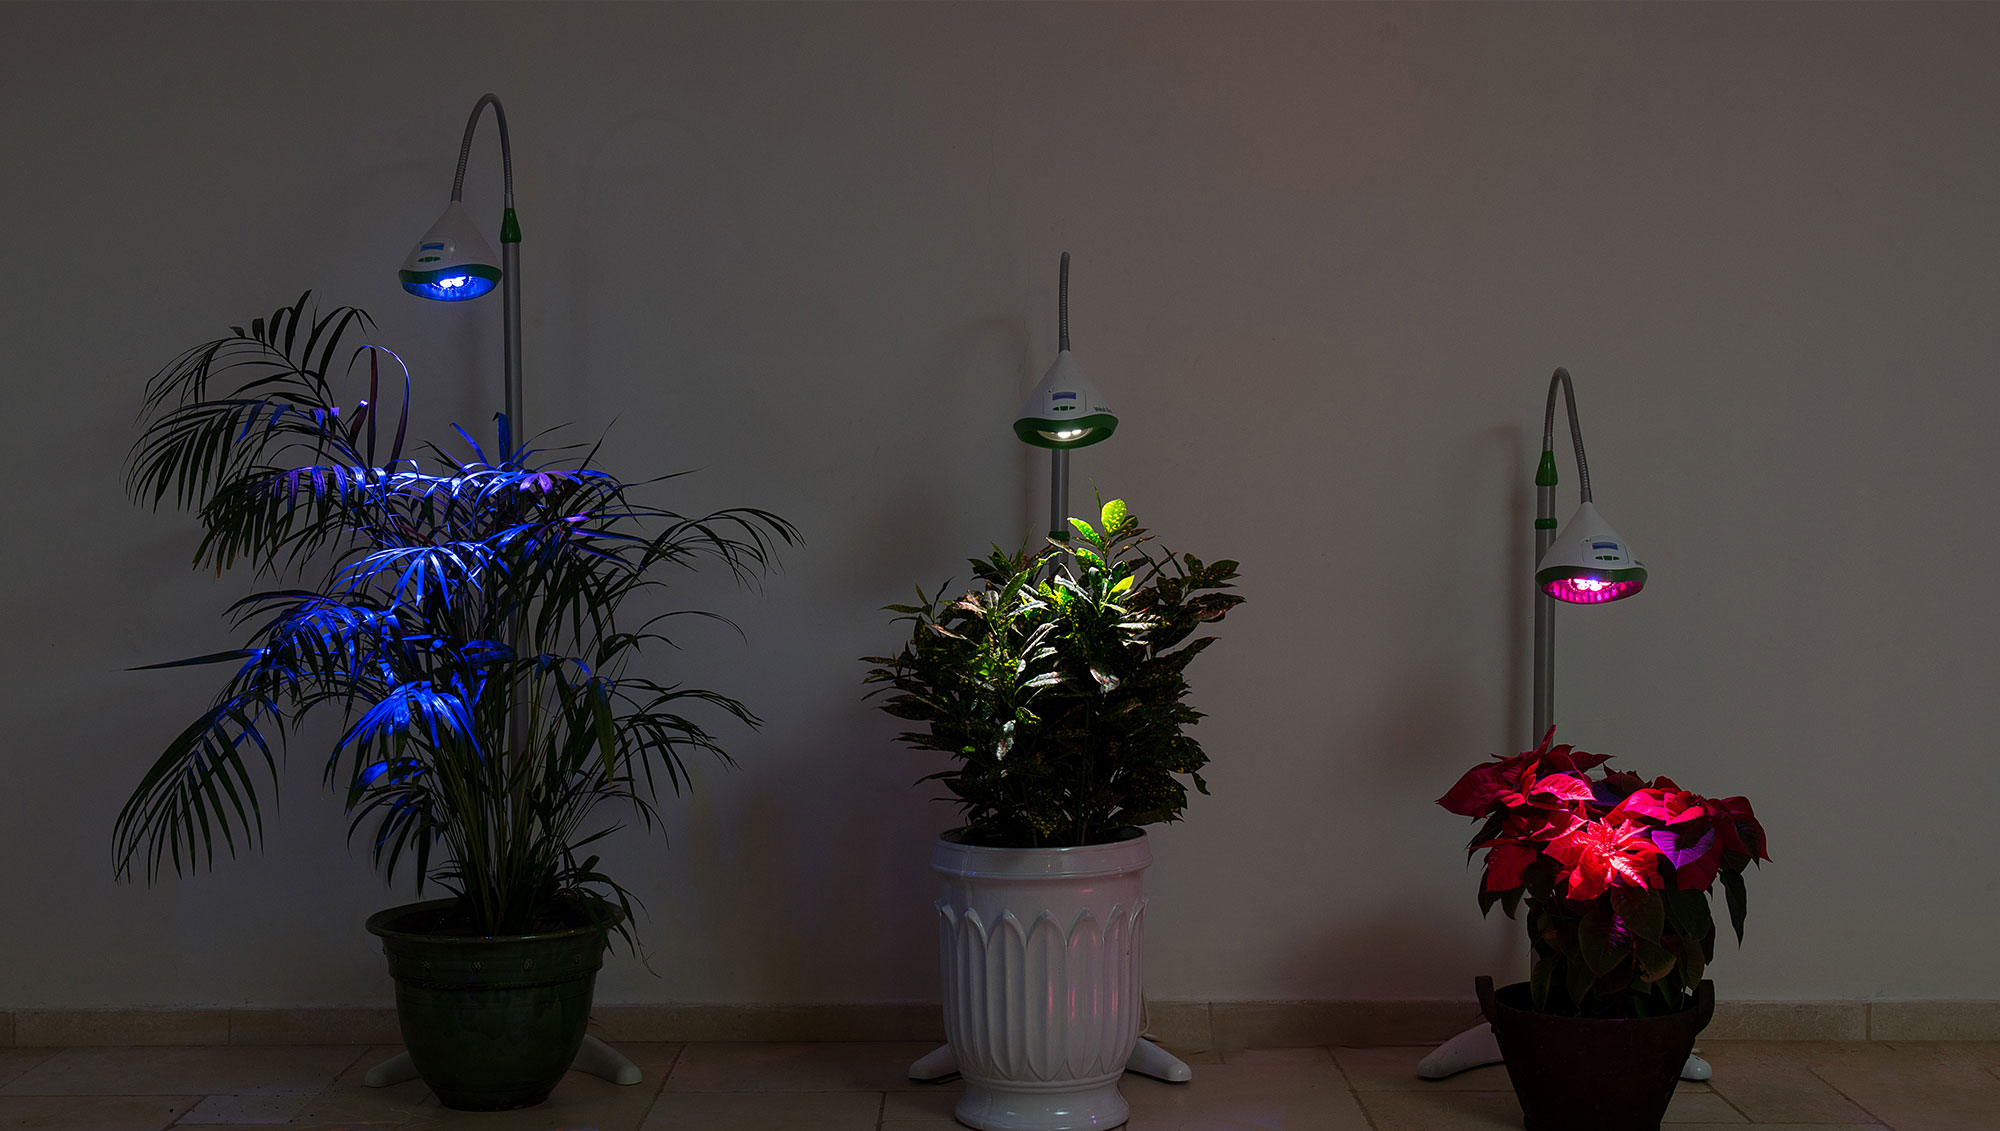 מנורה לגידול צמחים חכמה וחסכונית